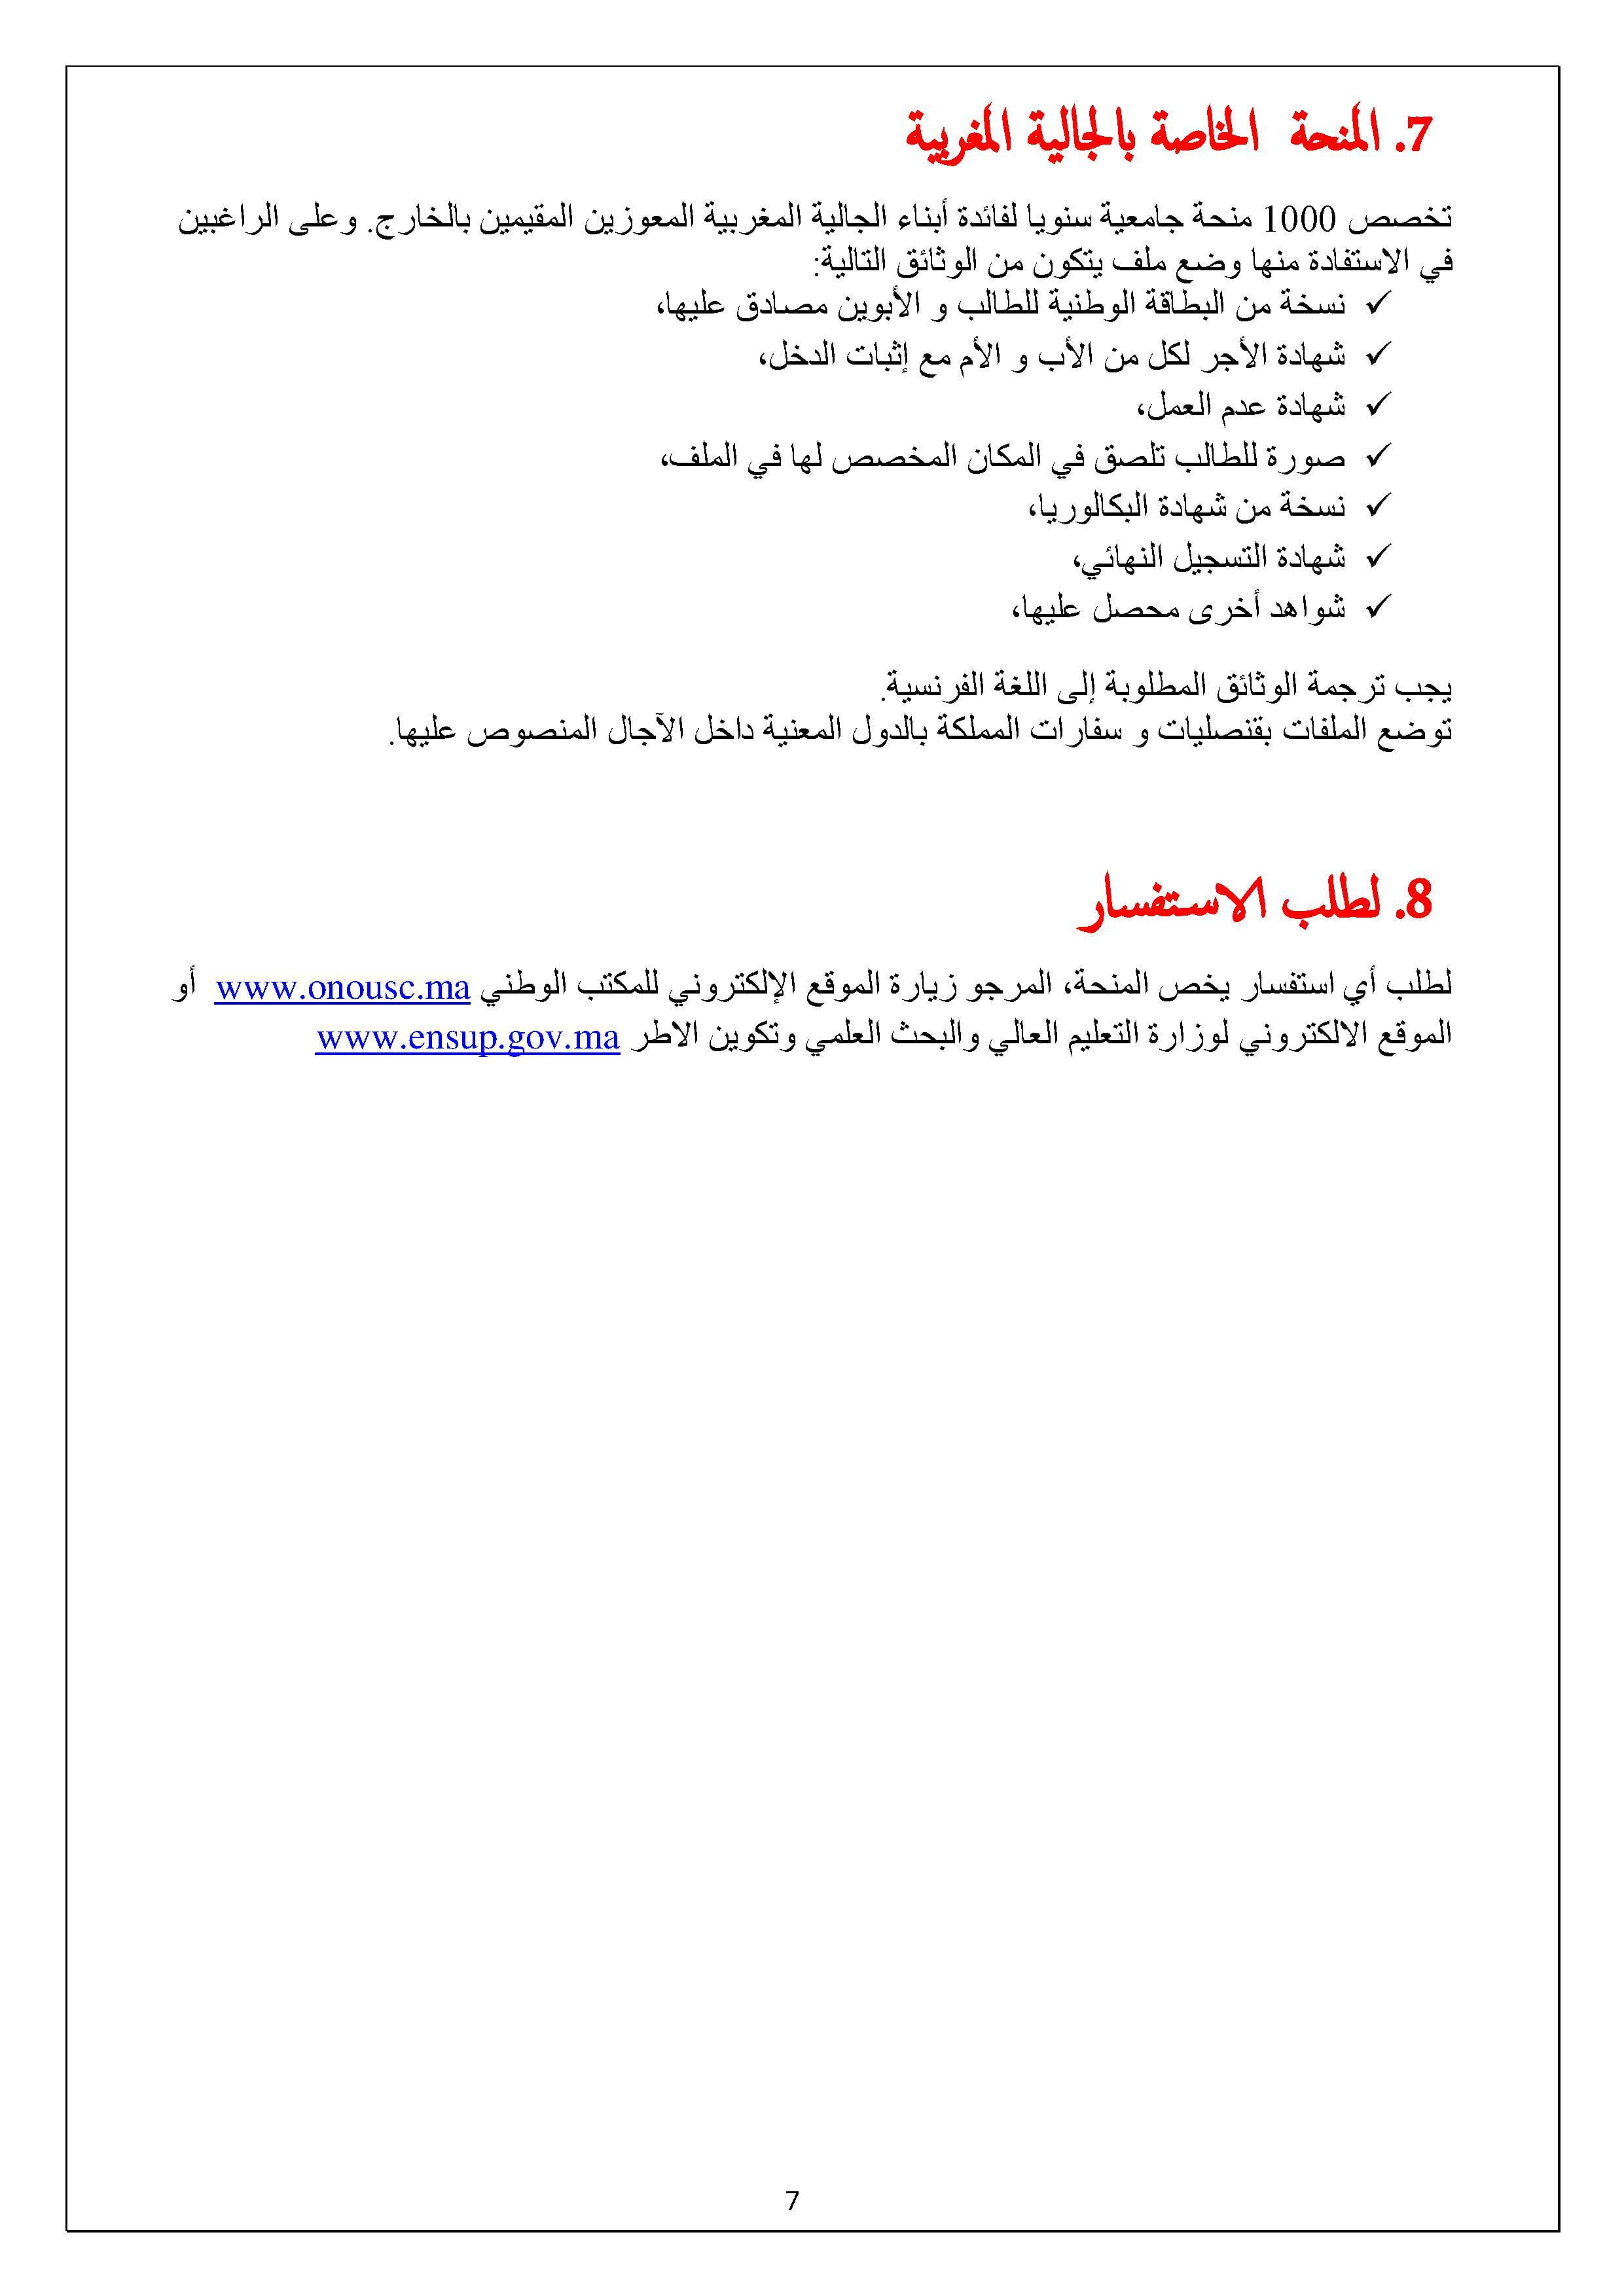 وثائق الحصول على المنحة الجامعية 2016 بالمغرب 8